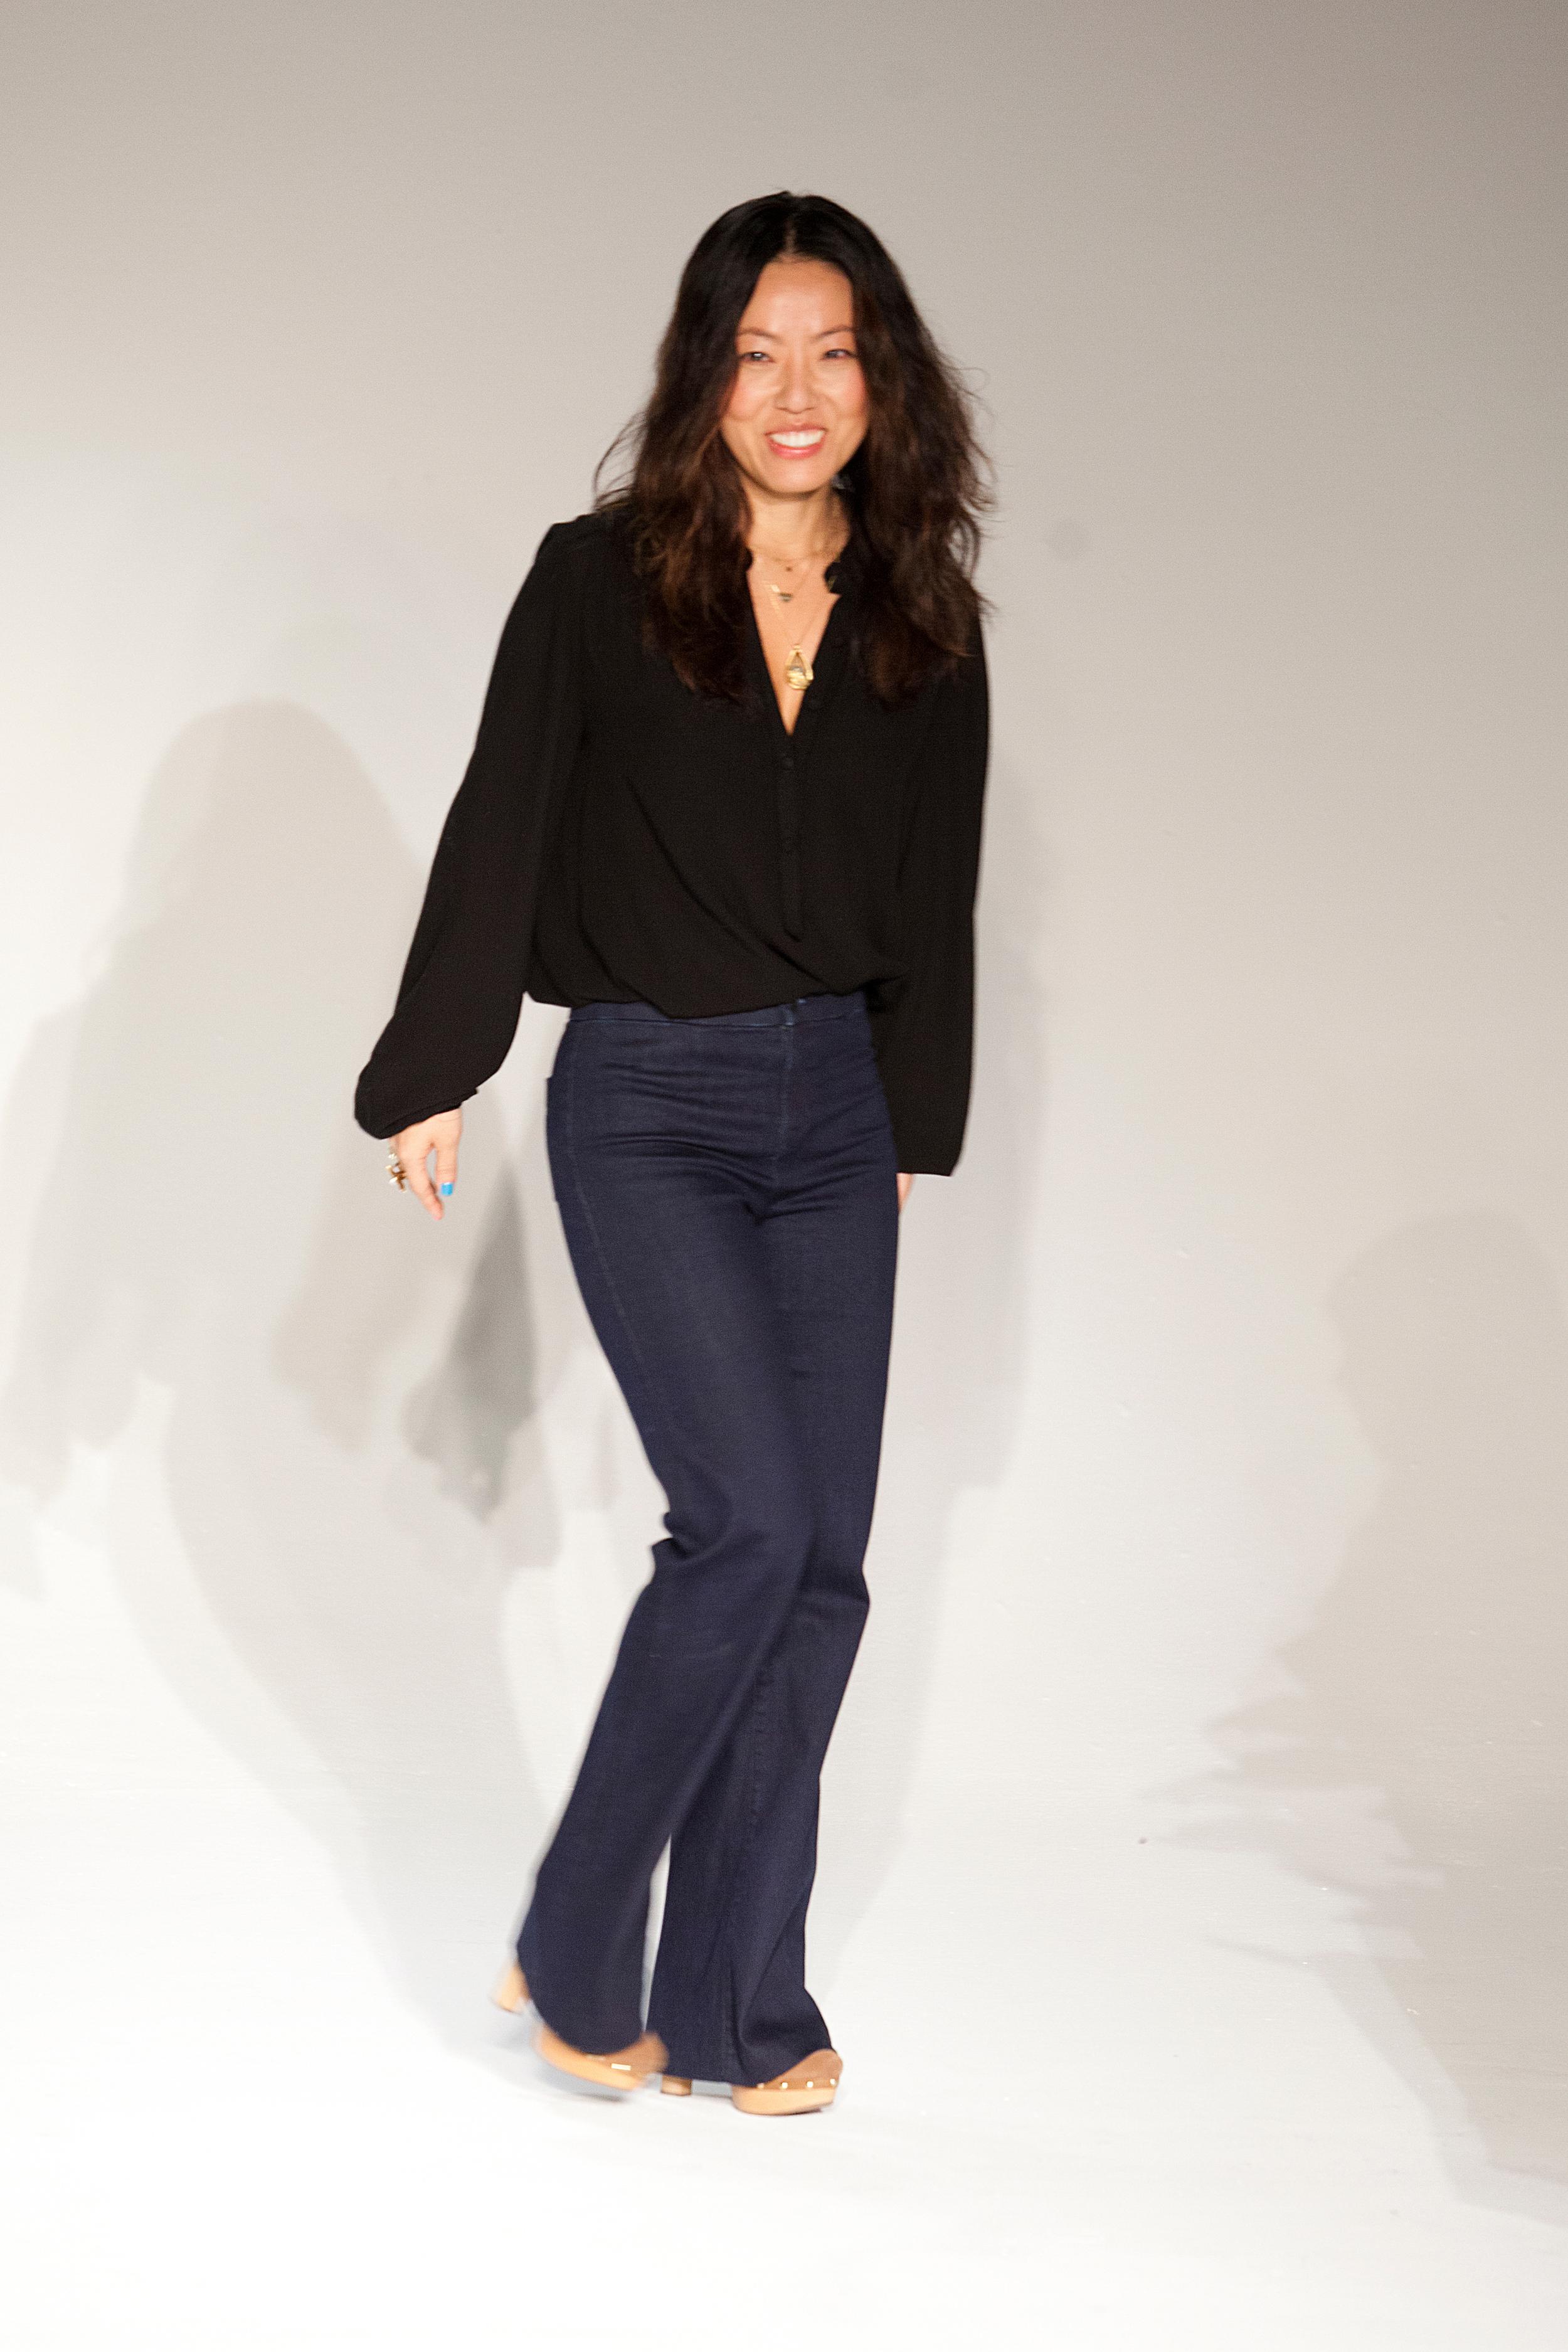 Designer, Jane D'Haene